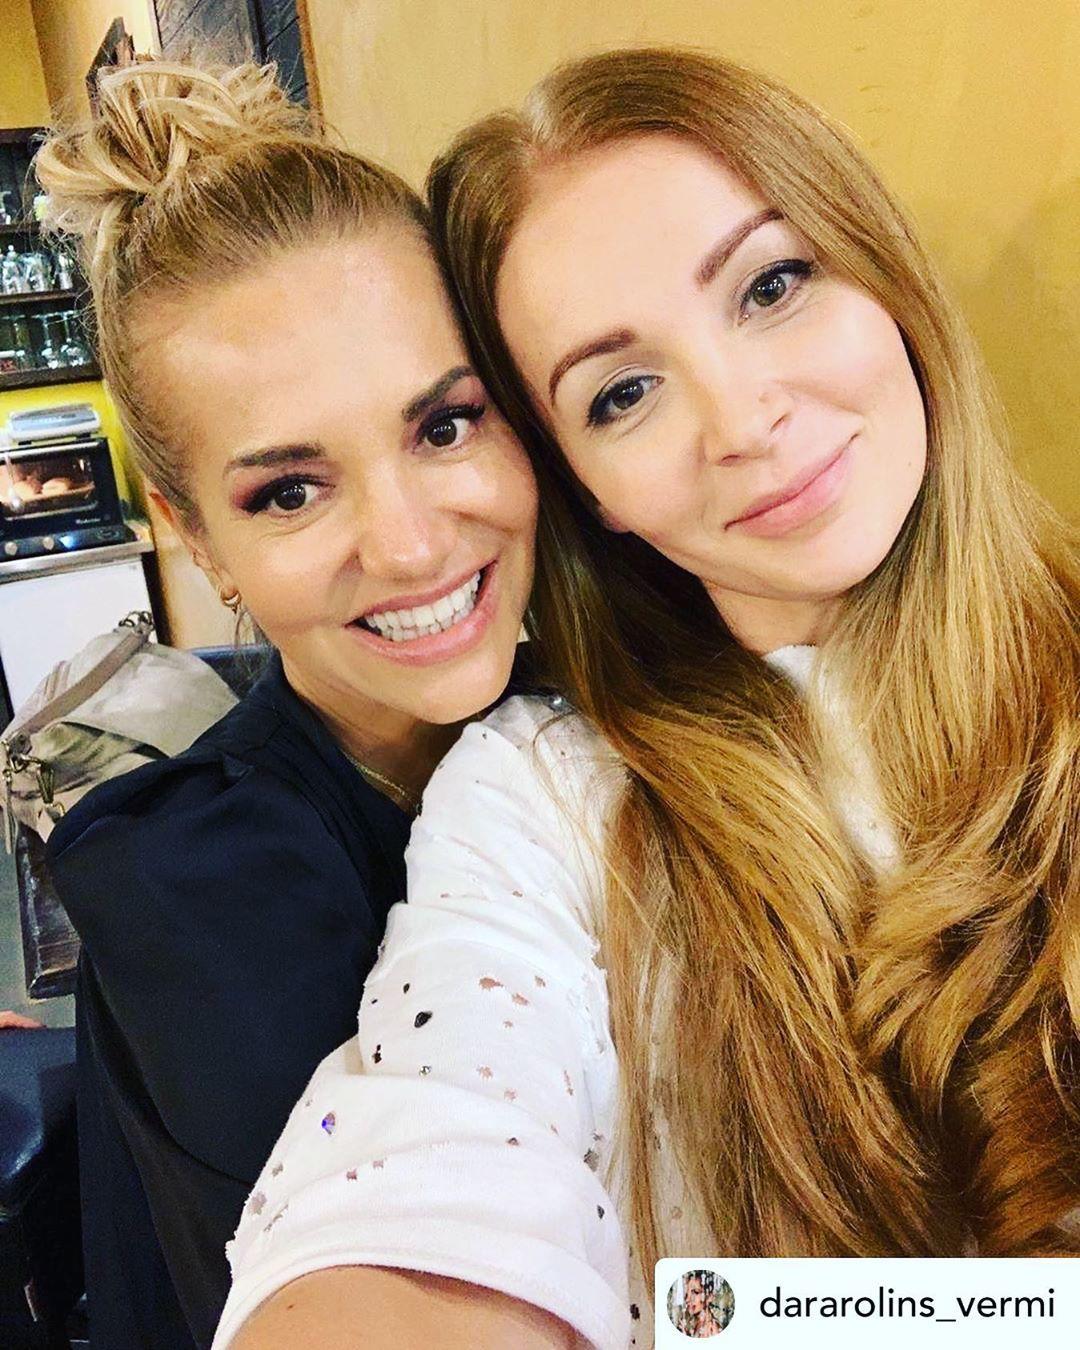 Dara Rolins s kamarádkou a fotografkou Petrou Ficovou.